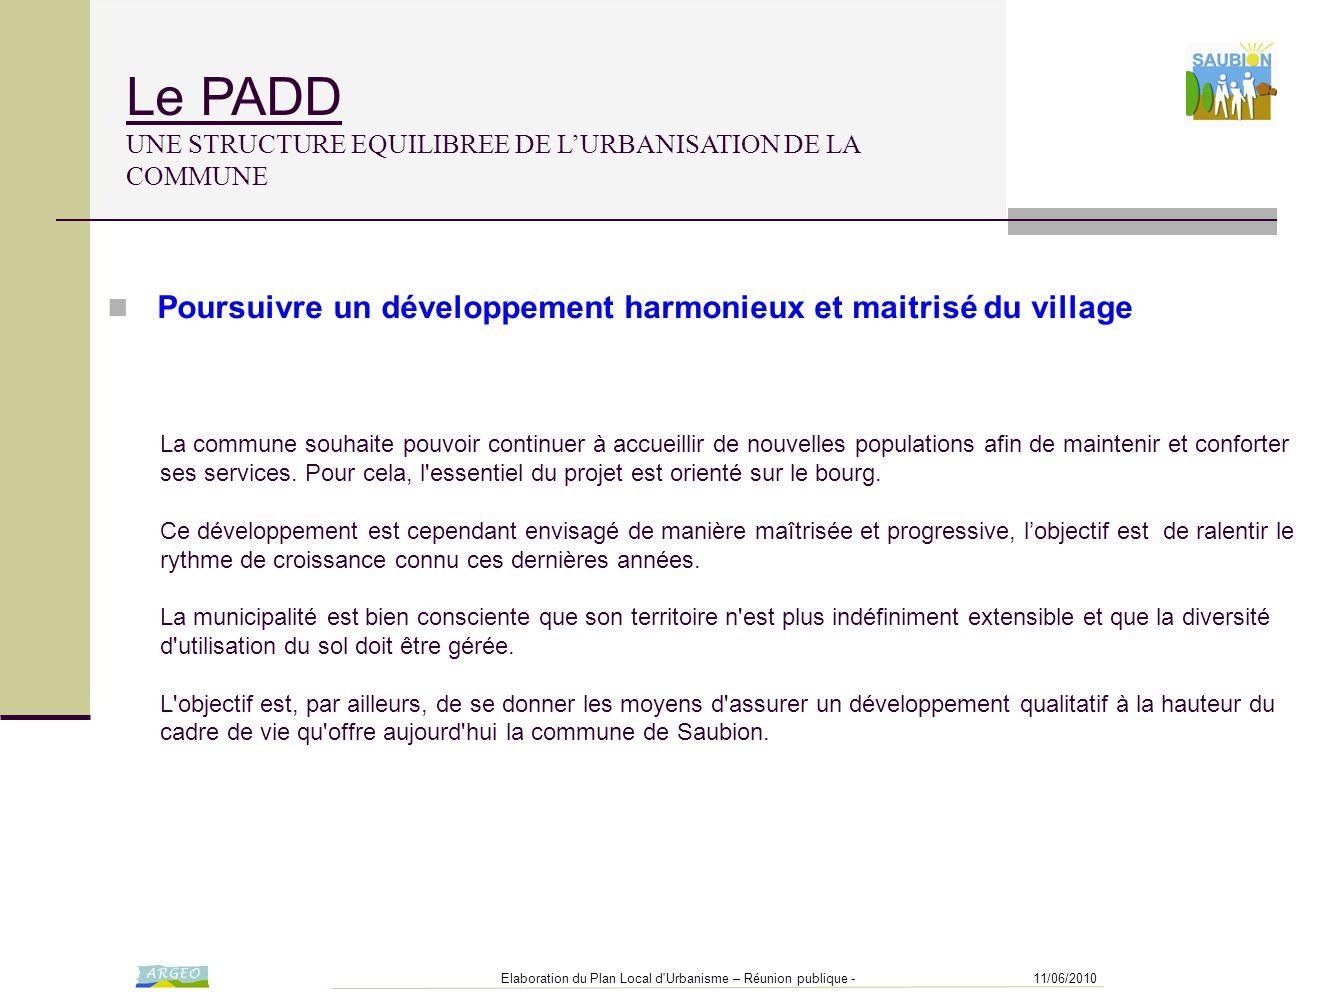 11/06/2010Elaboration du Plan Local d'Urbanisme – Réunion publique - Le PADD UNE STRUCTURE EQUILIBREE DE L'URBANISATION DE LA COMMUNE La commune souha